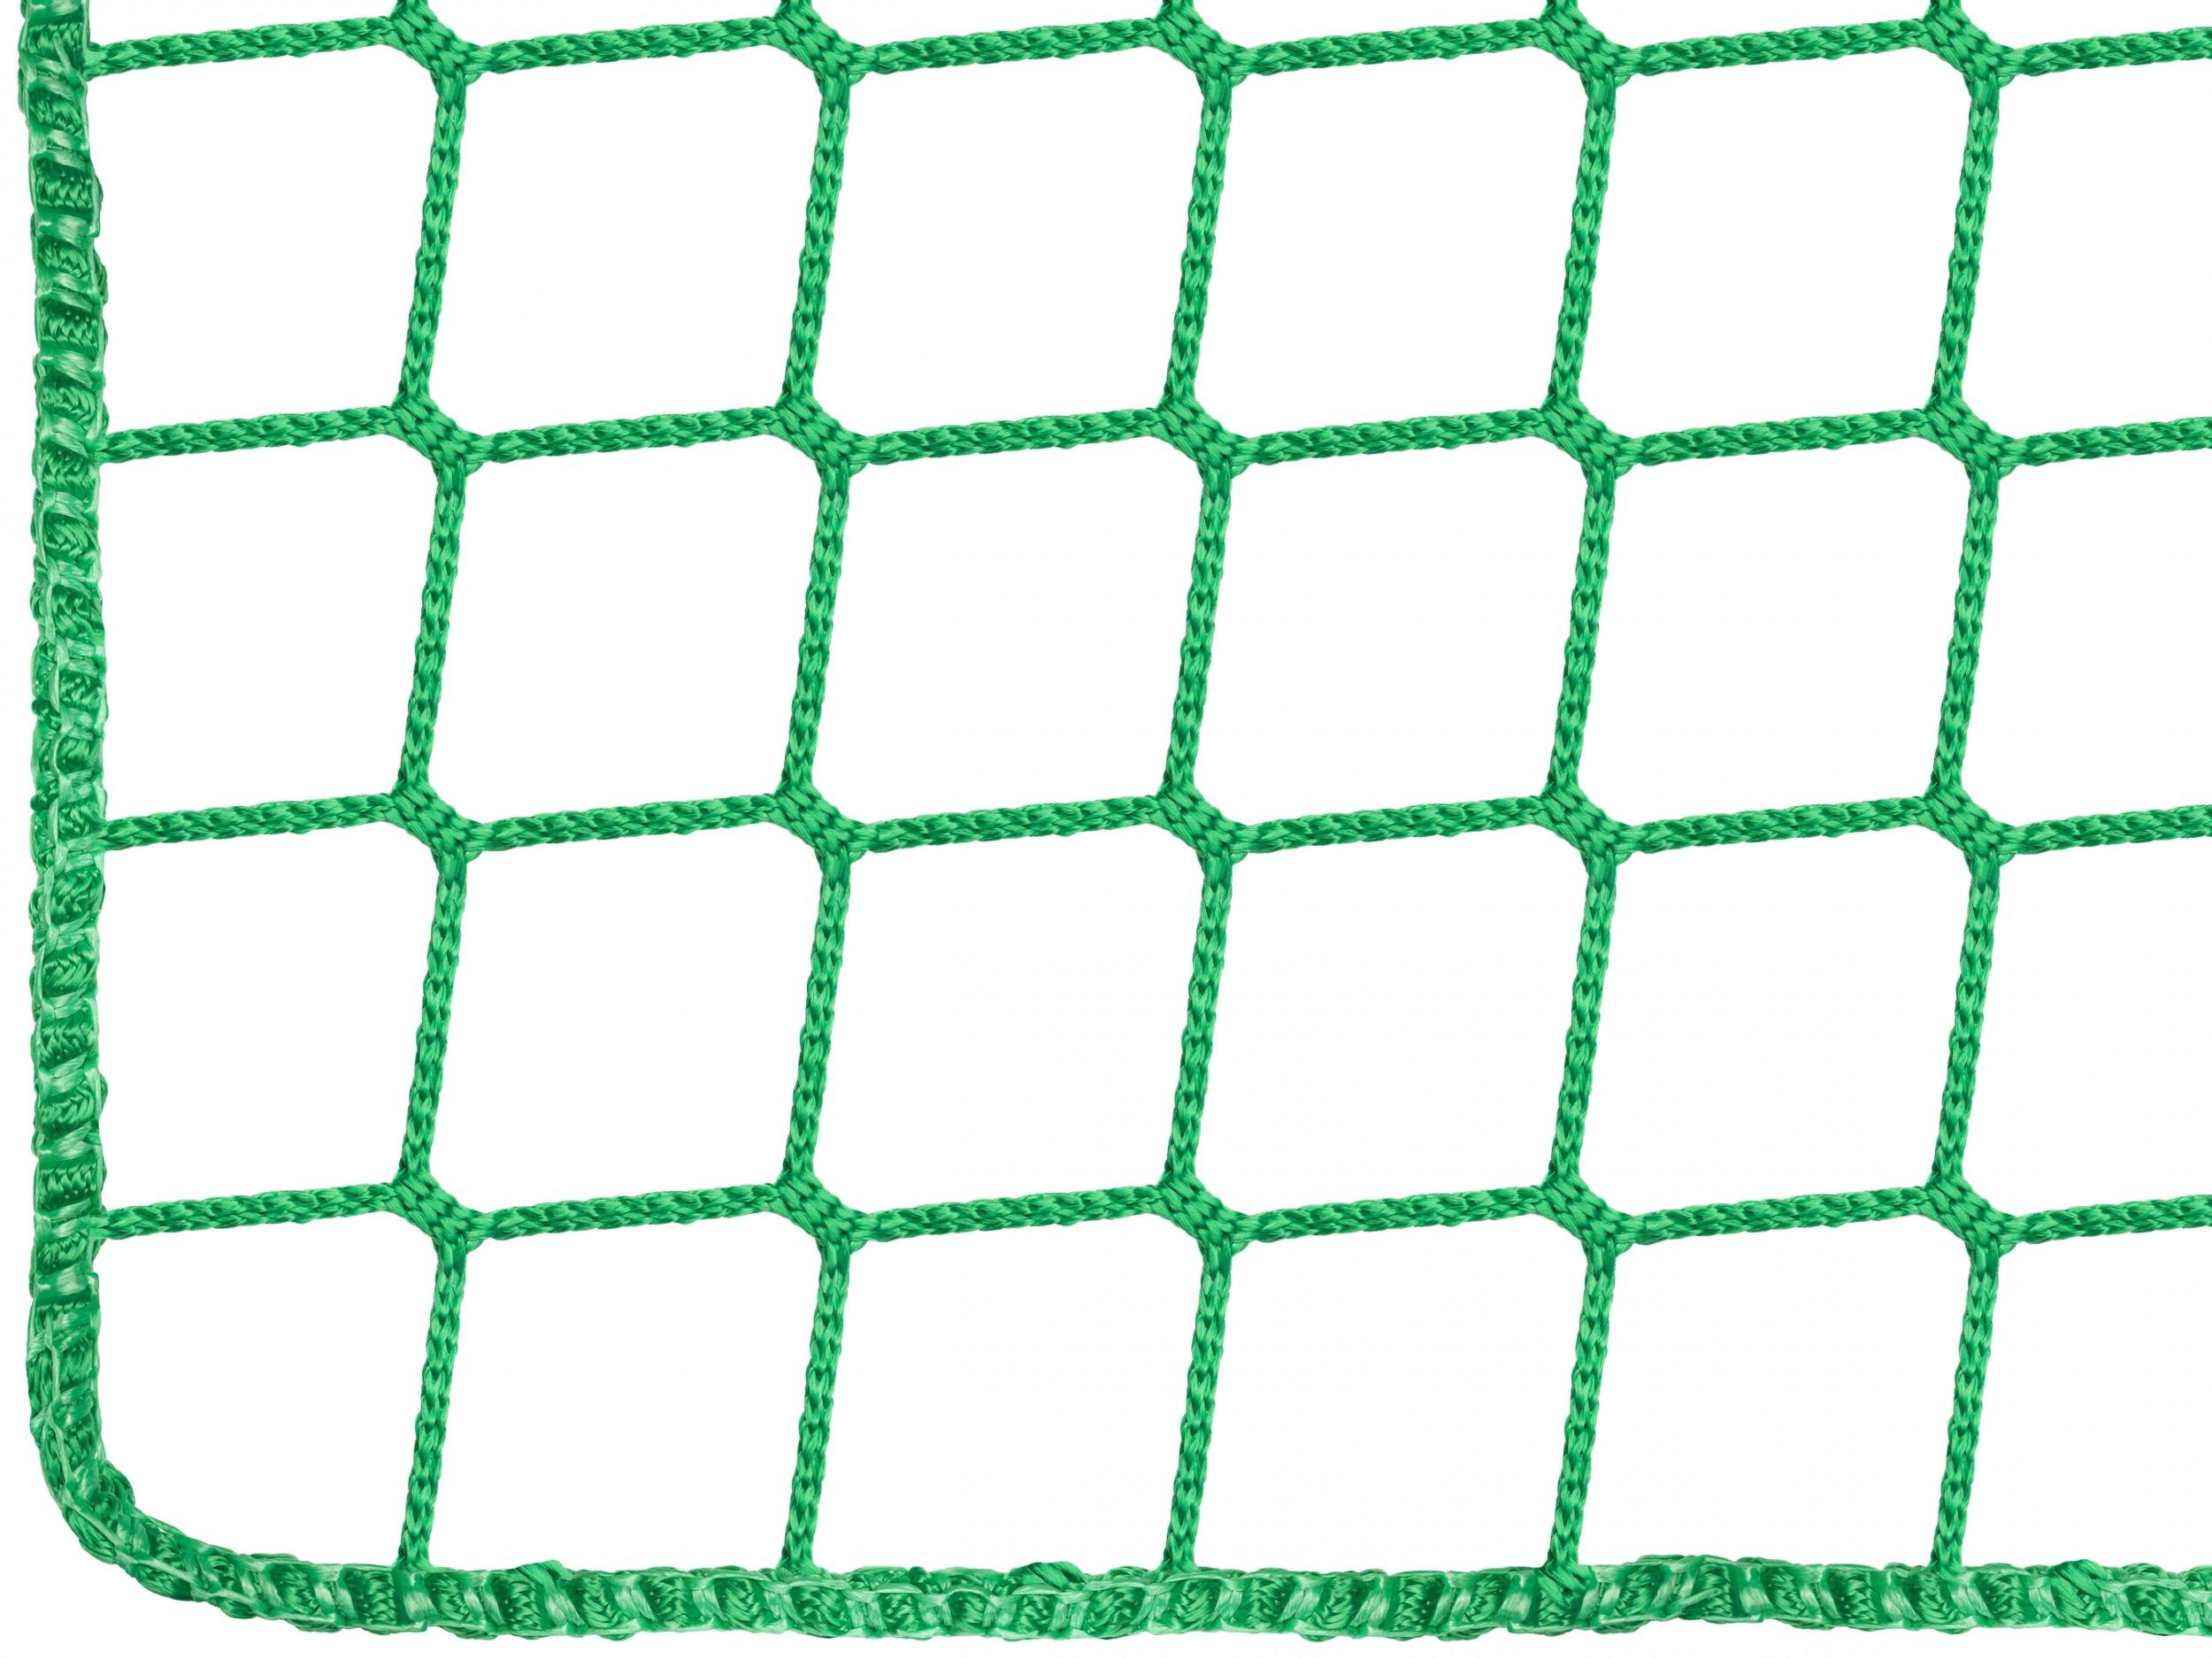 Seitenschutznetz 1 50 x 10 00 m nach din en 1263 1 for Schreibtisch 1 50 m